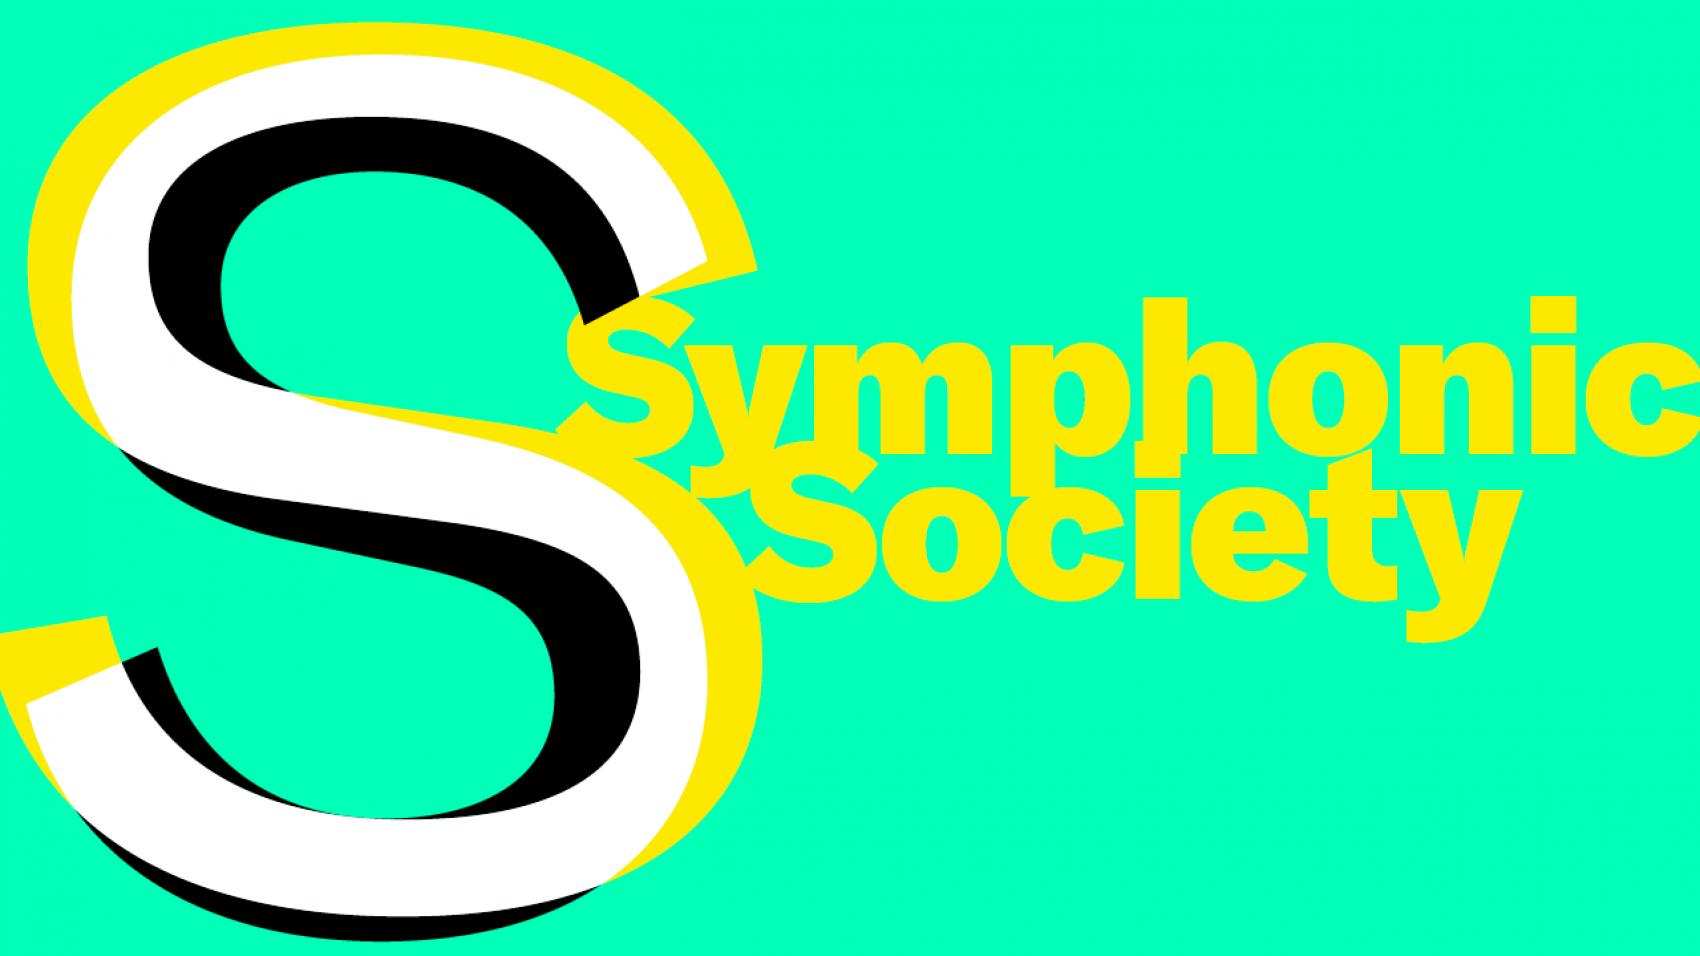 Symphonic Society